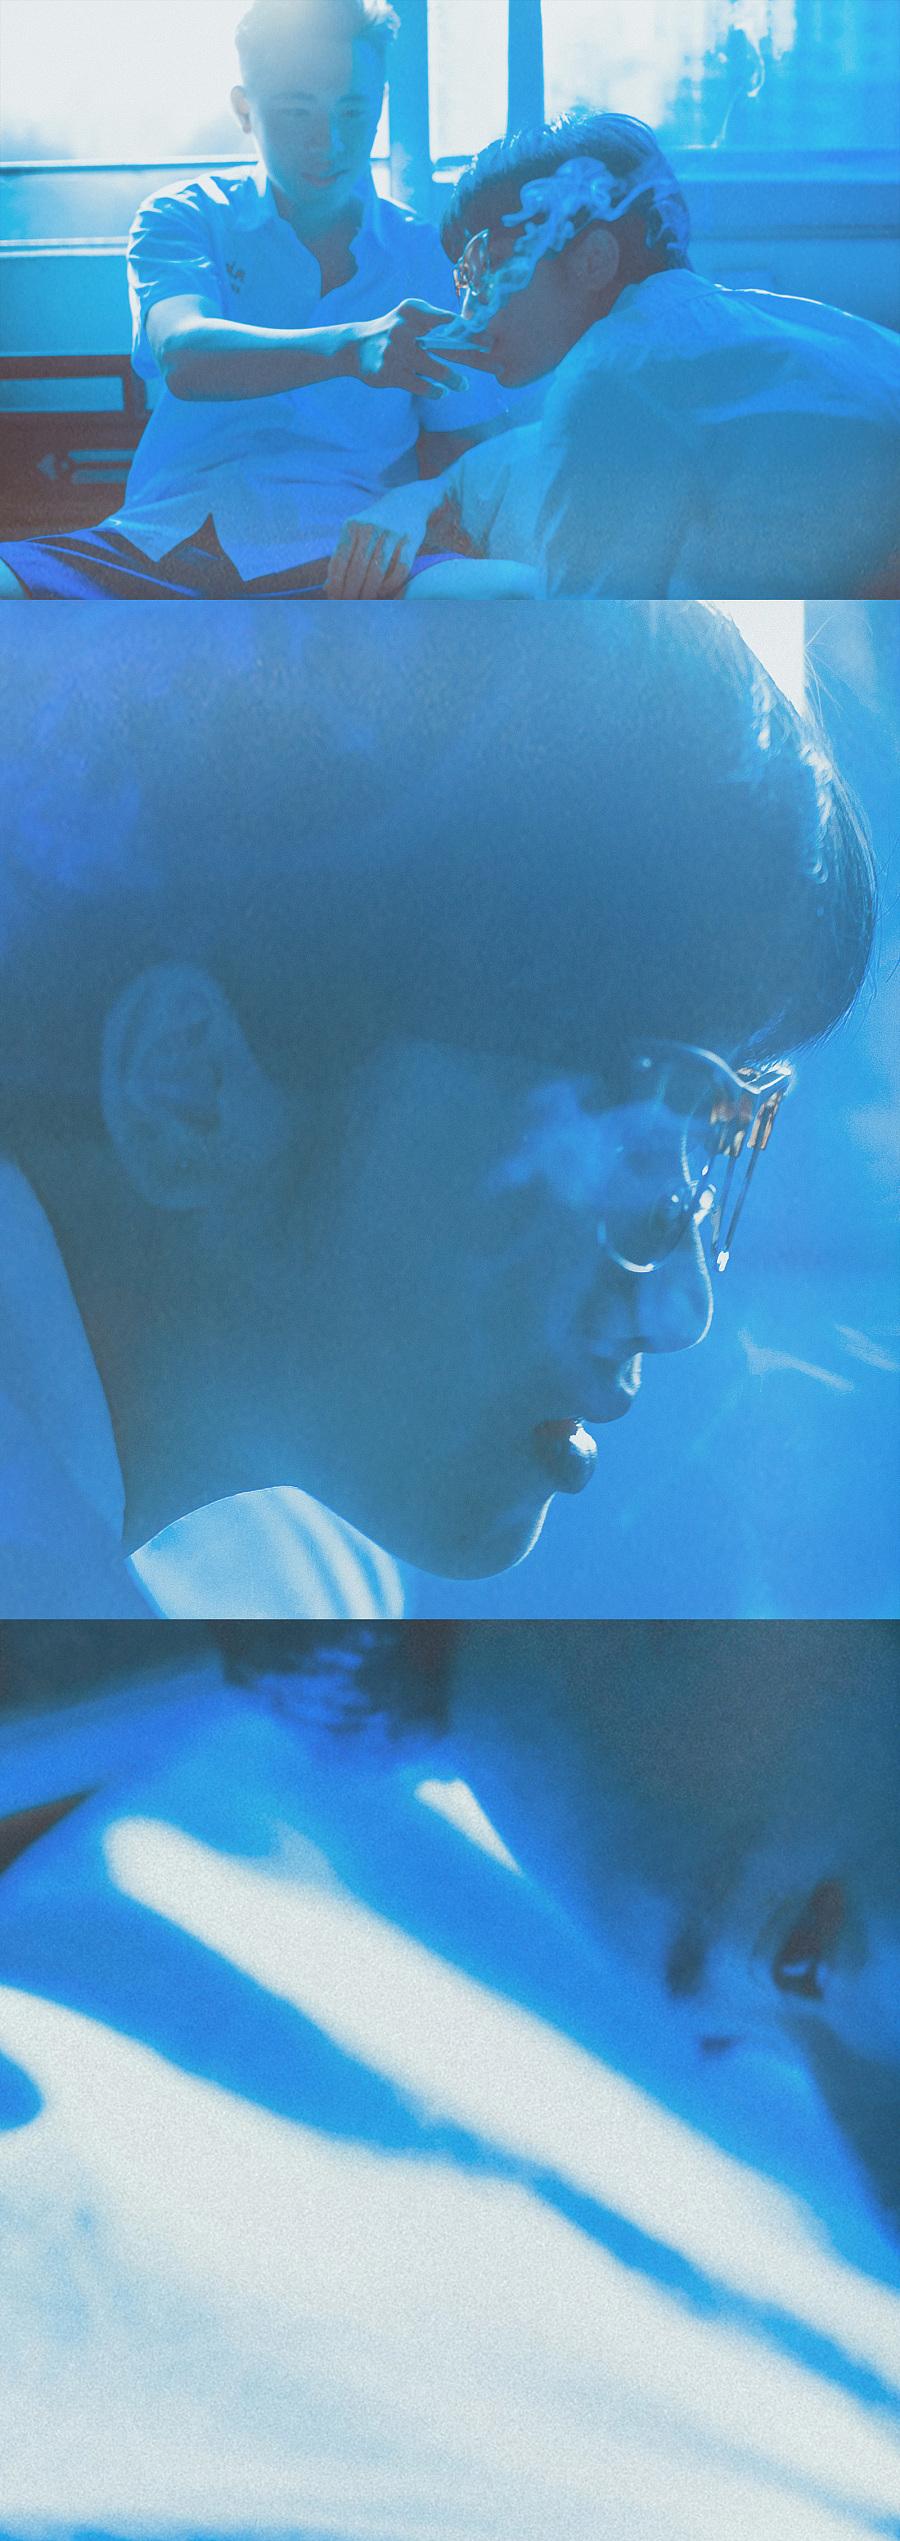 查看《NANTAI BLUE 南泰蓝》原图,原图尺寸:1600x4518